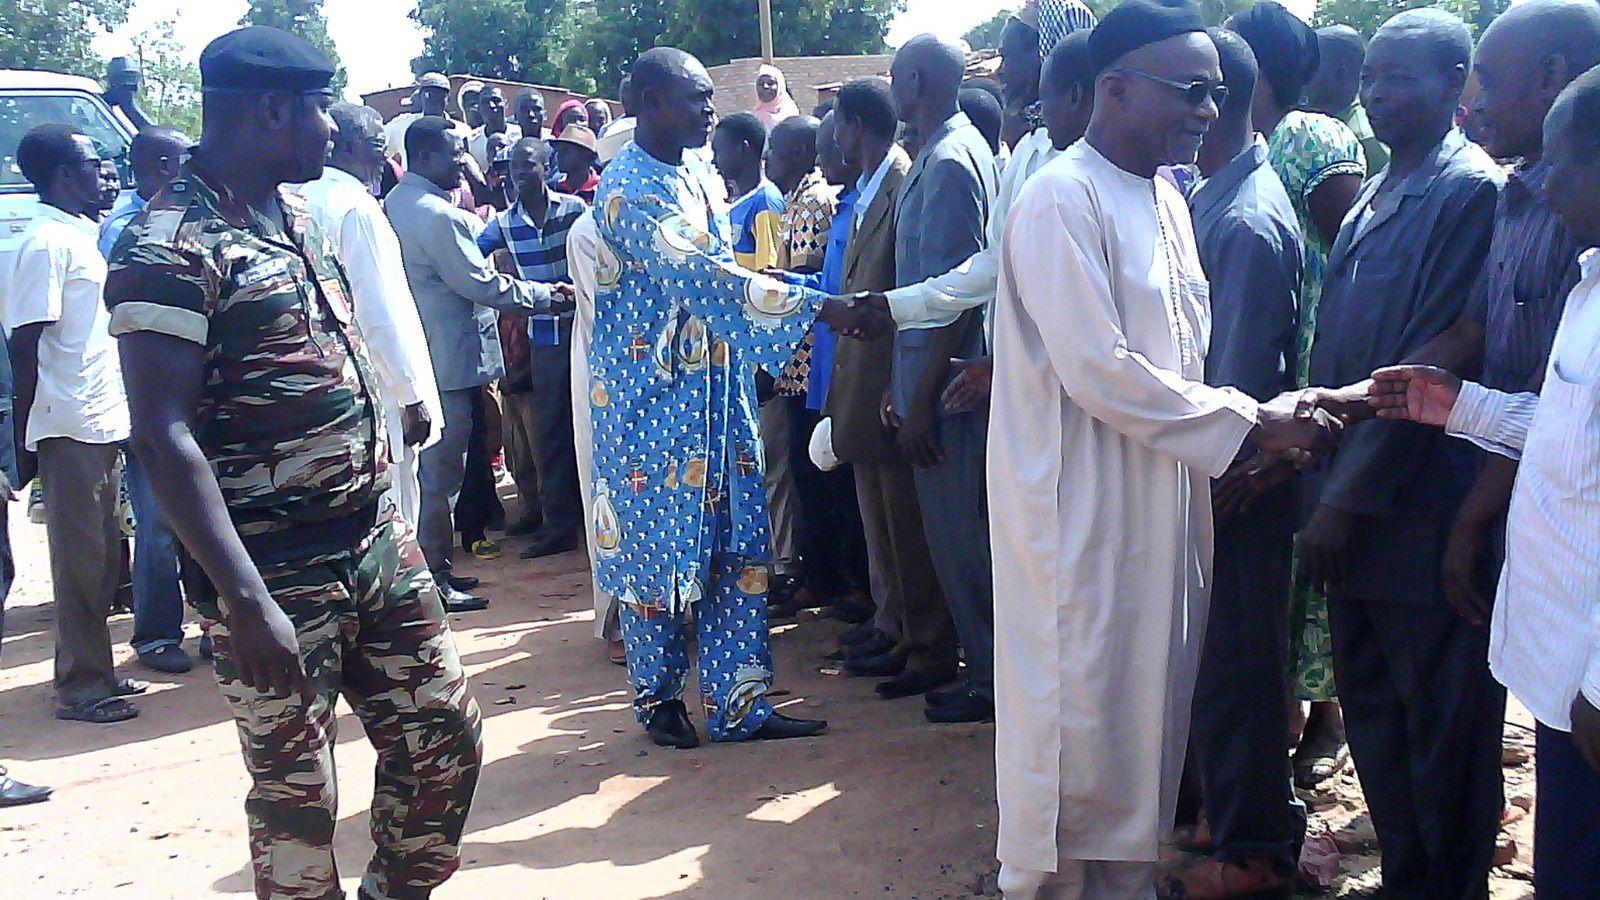 Les 5 candidats poursuivent leur plaidoyer auprès du peuple tchadien